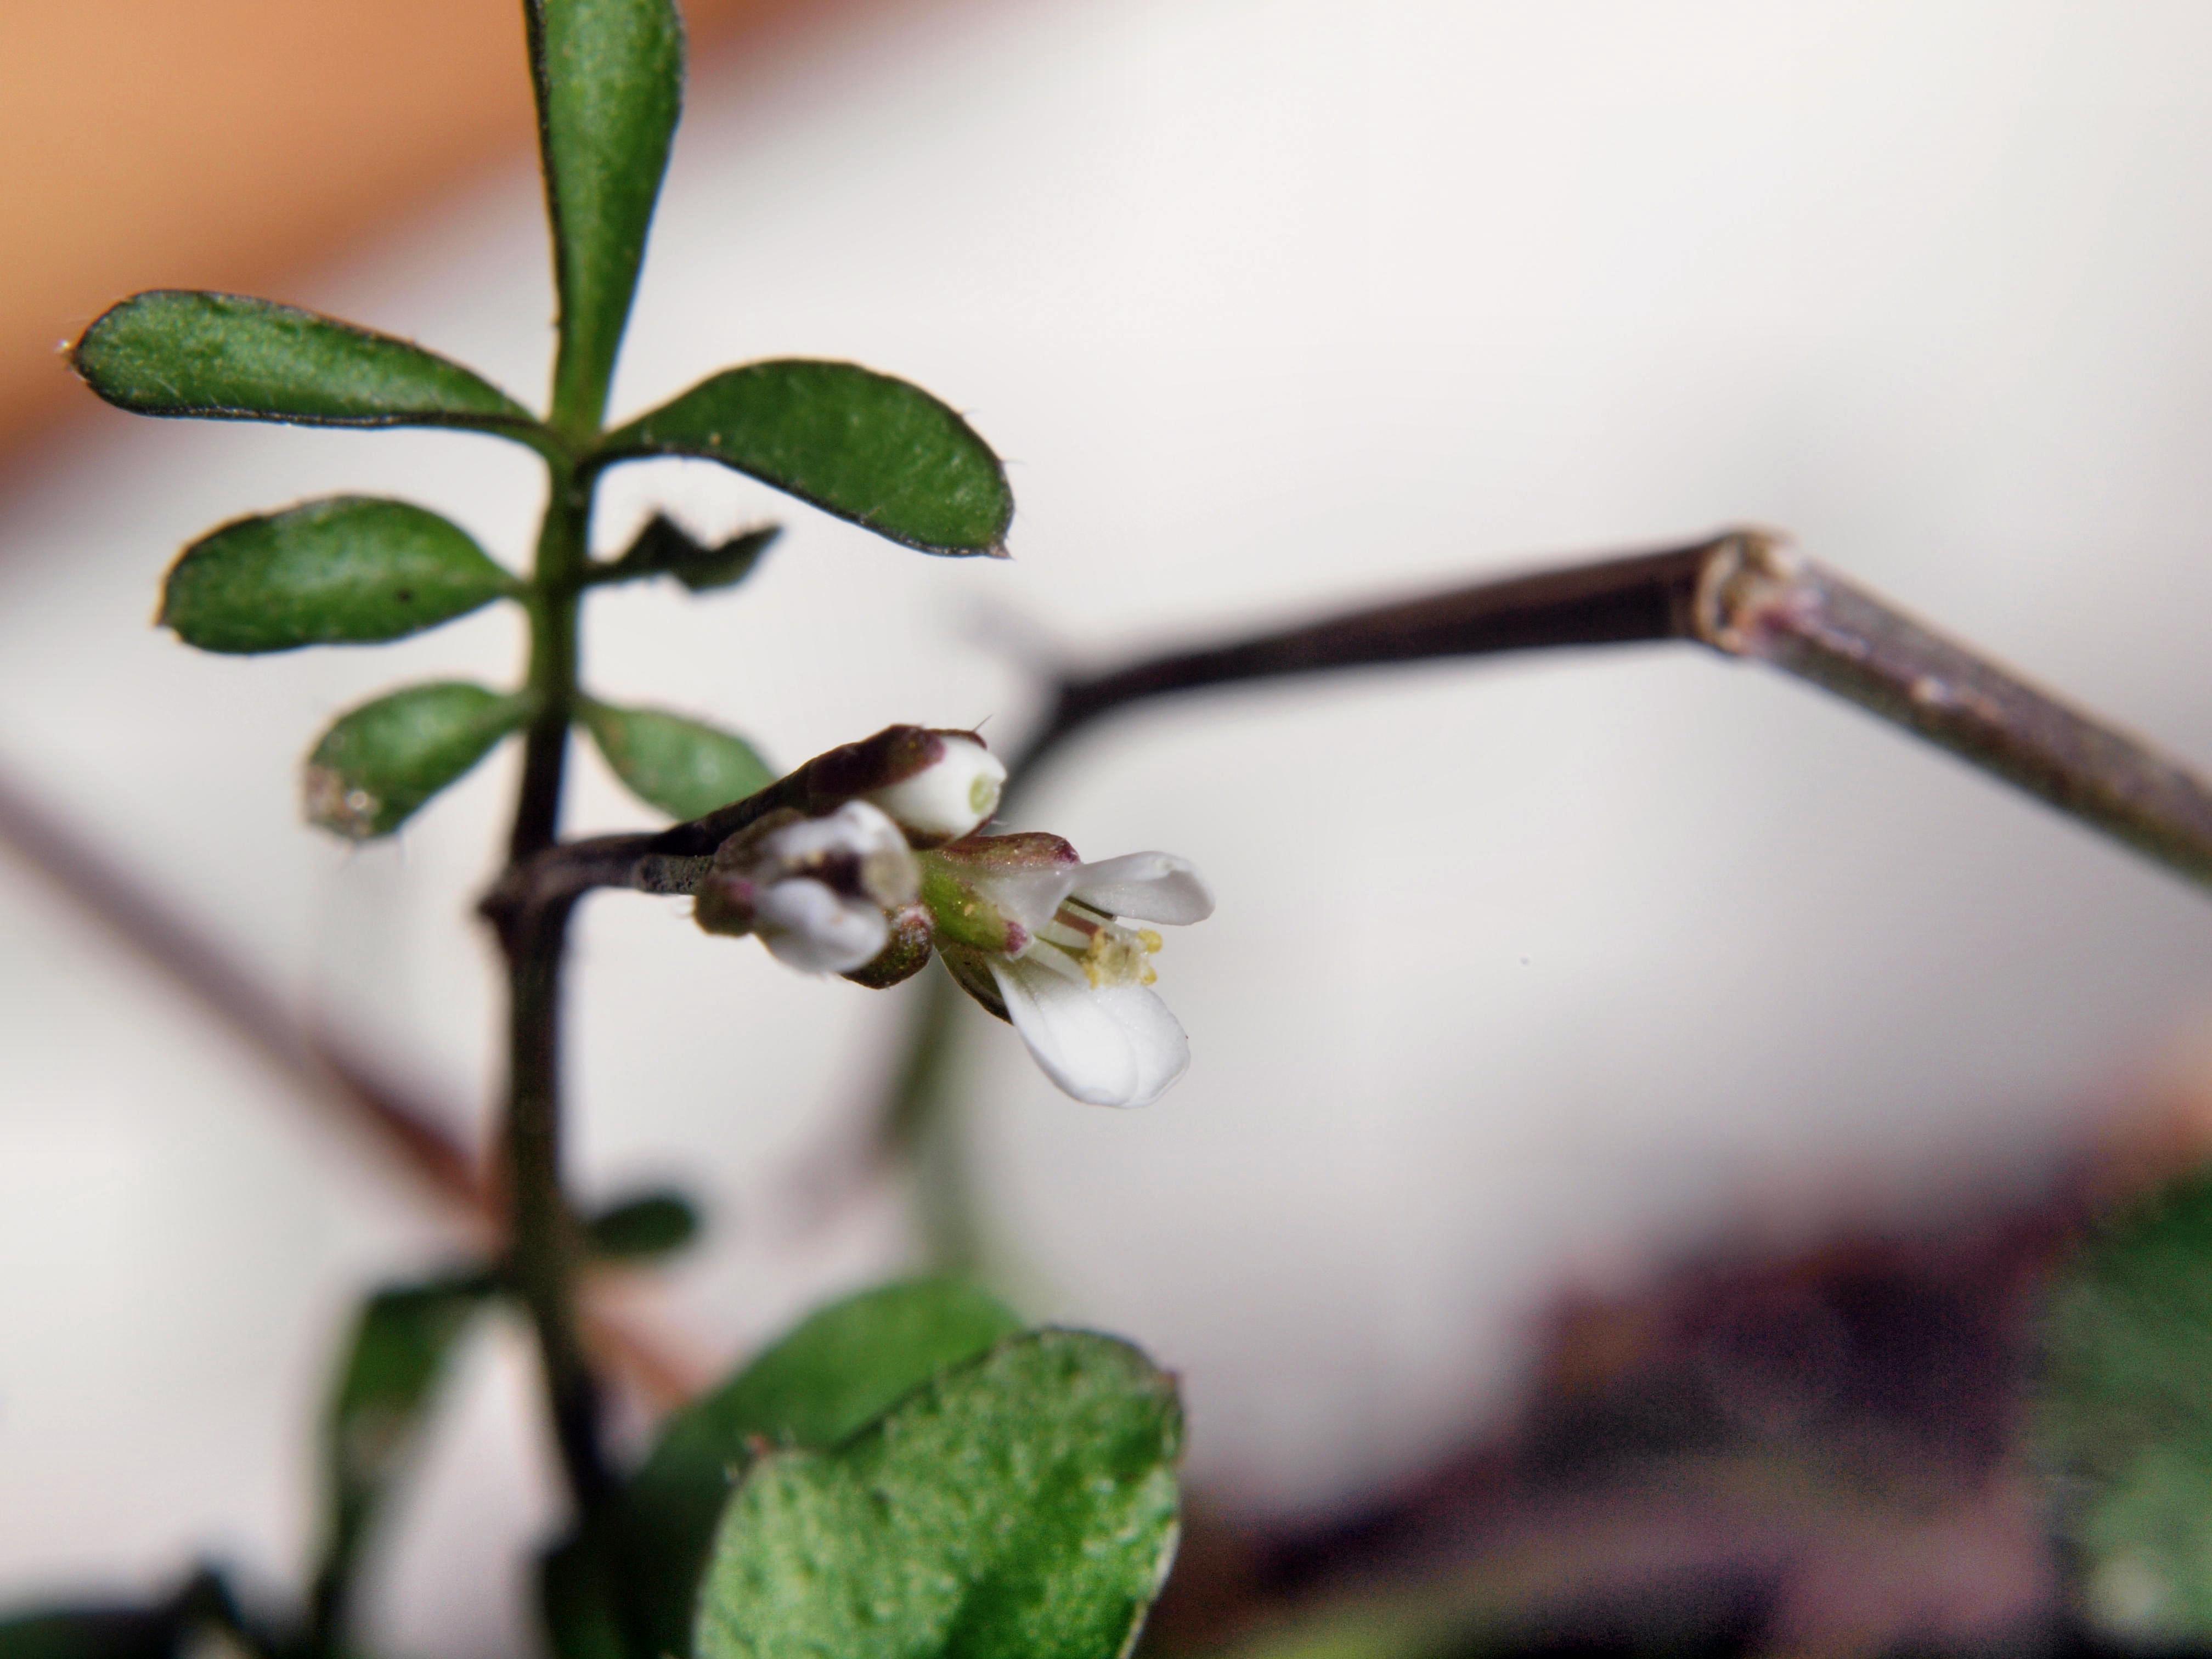 Mystery-plant-9.jpeg